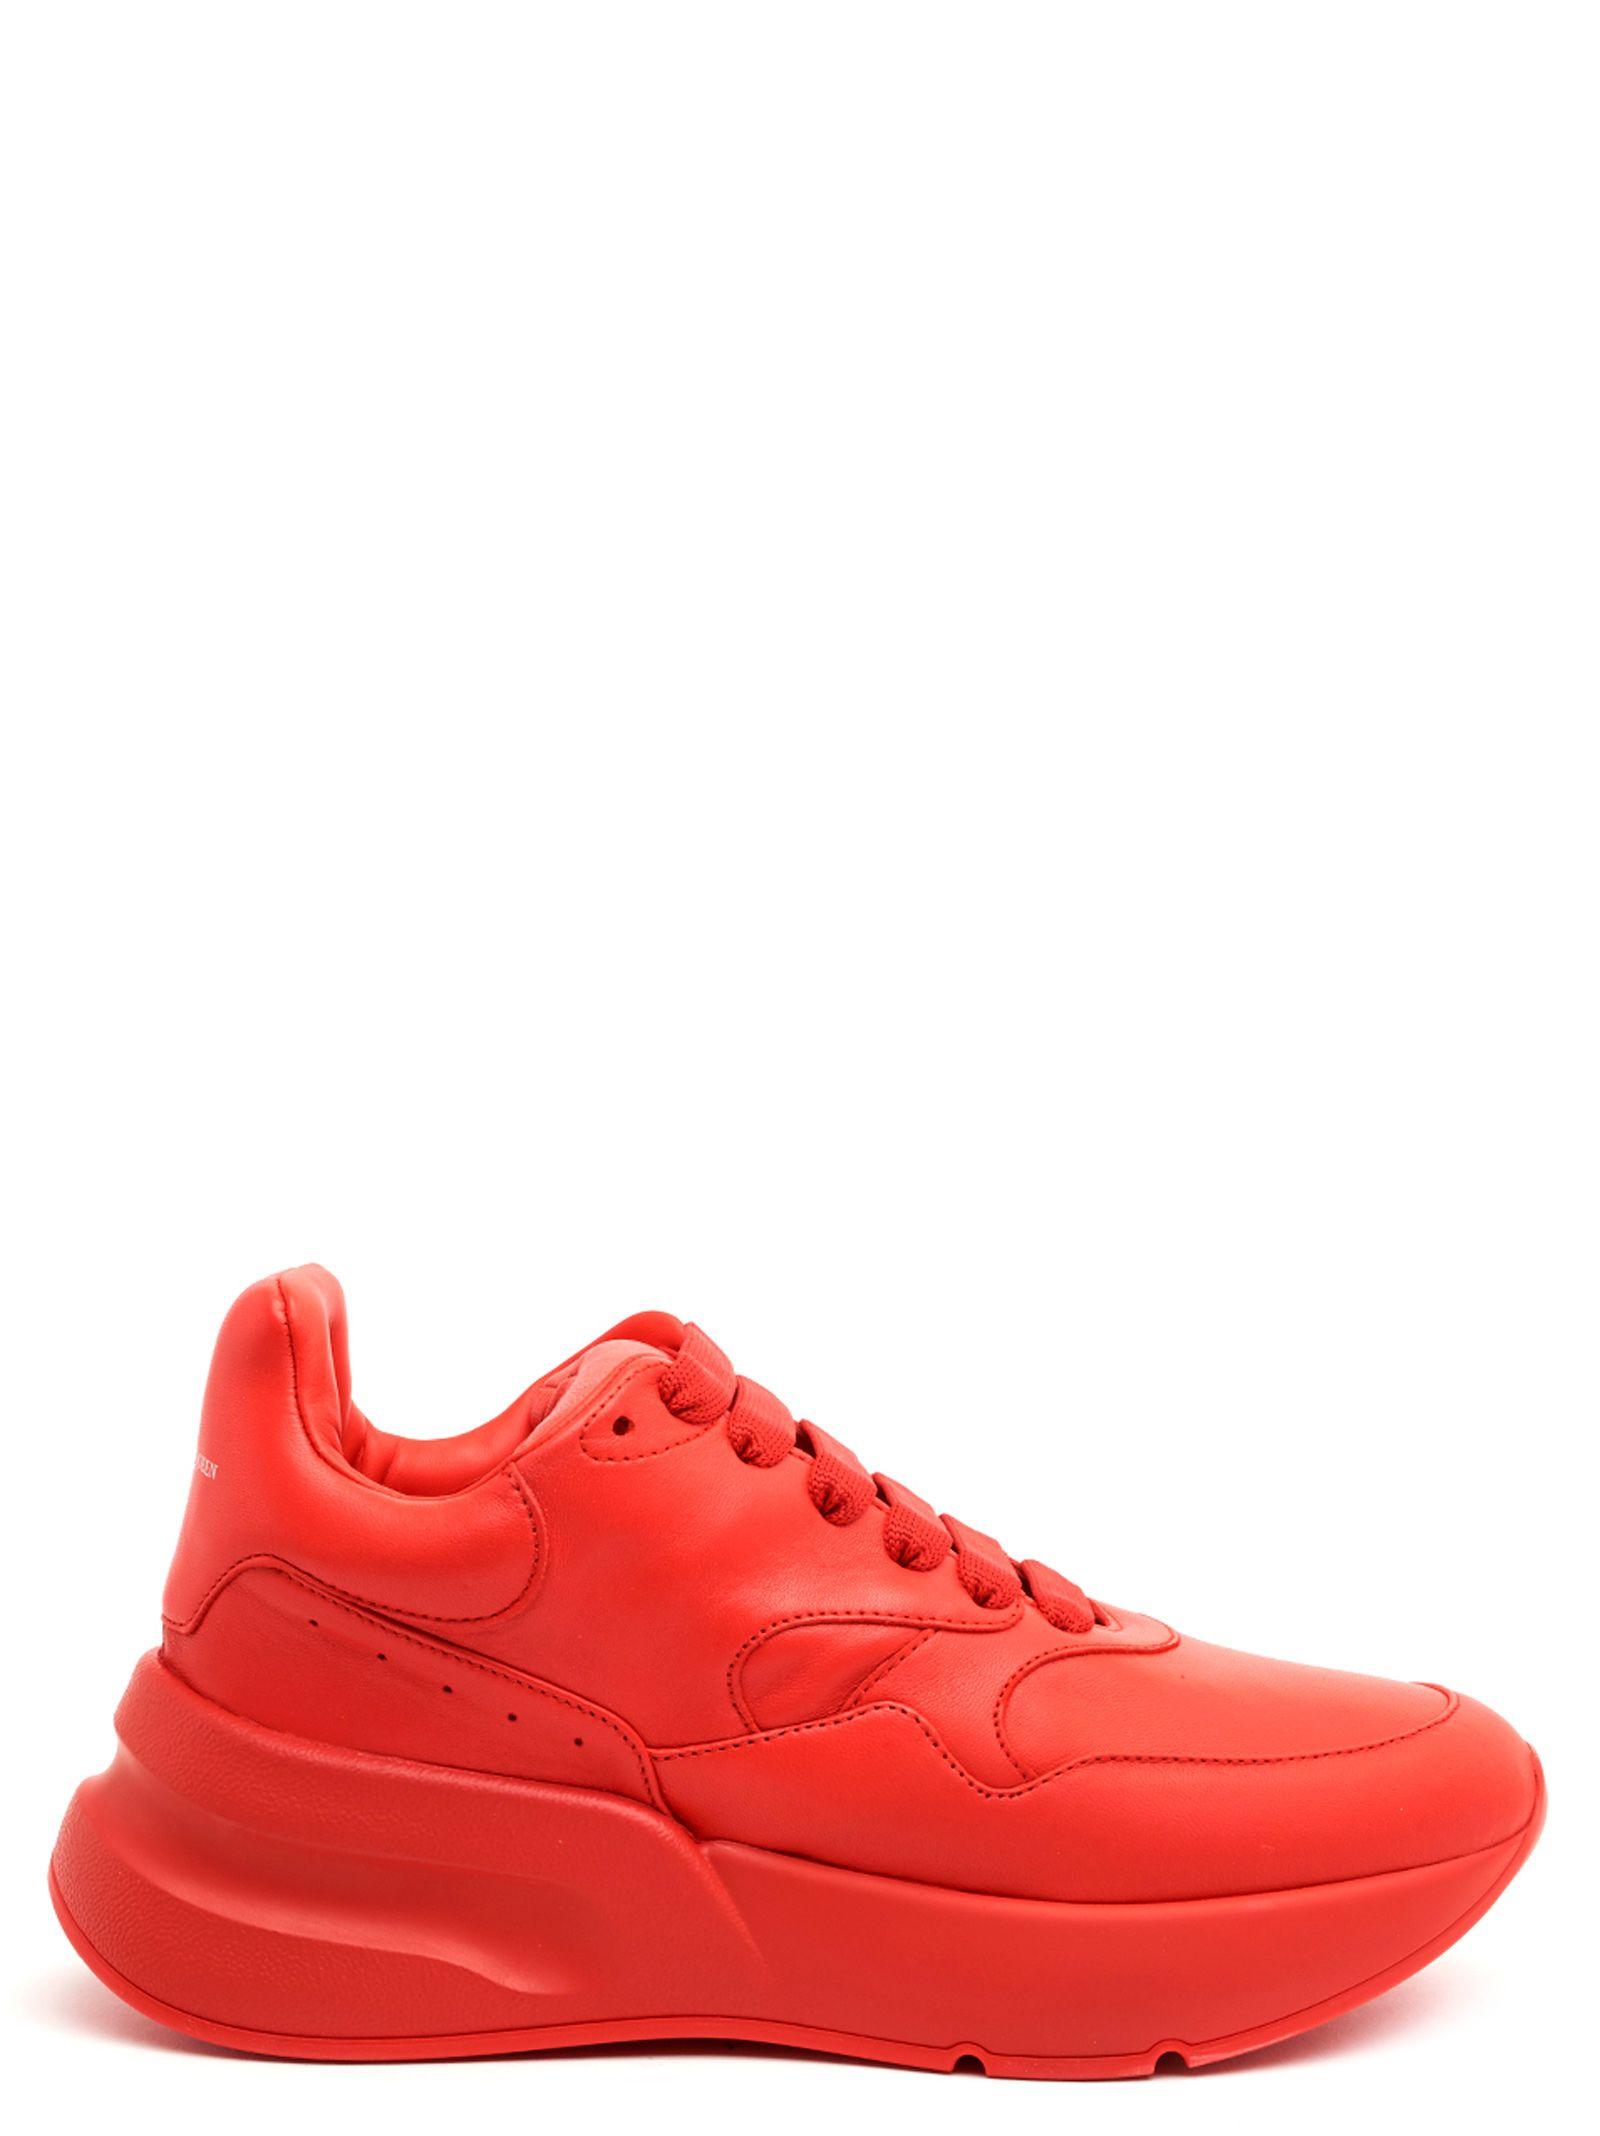 Alexander Mcqueen 'oversize Sole' Shoes